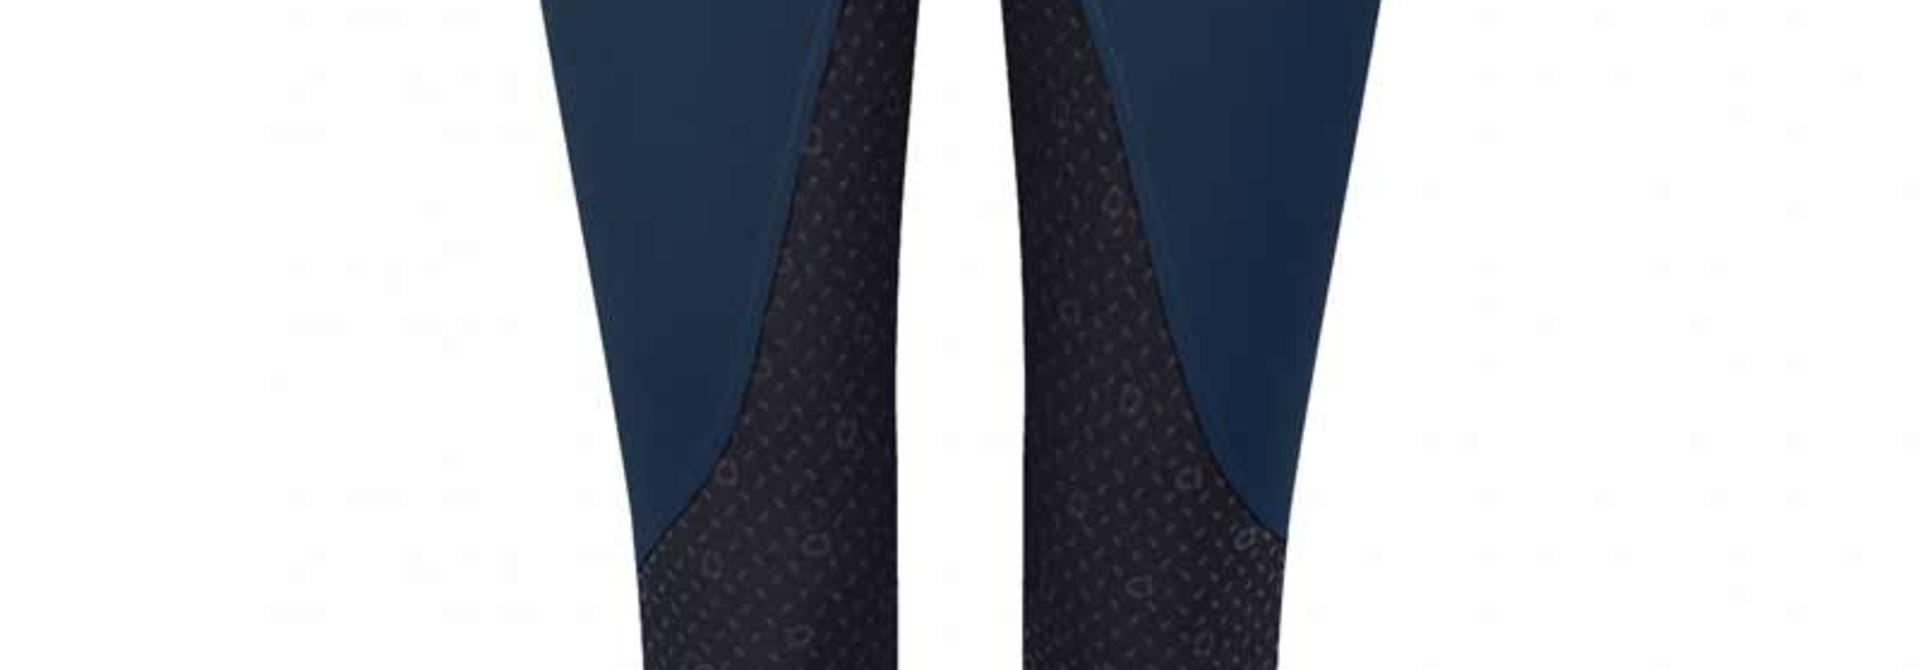 Women's Caja G High Waist Breeches